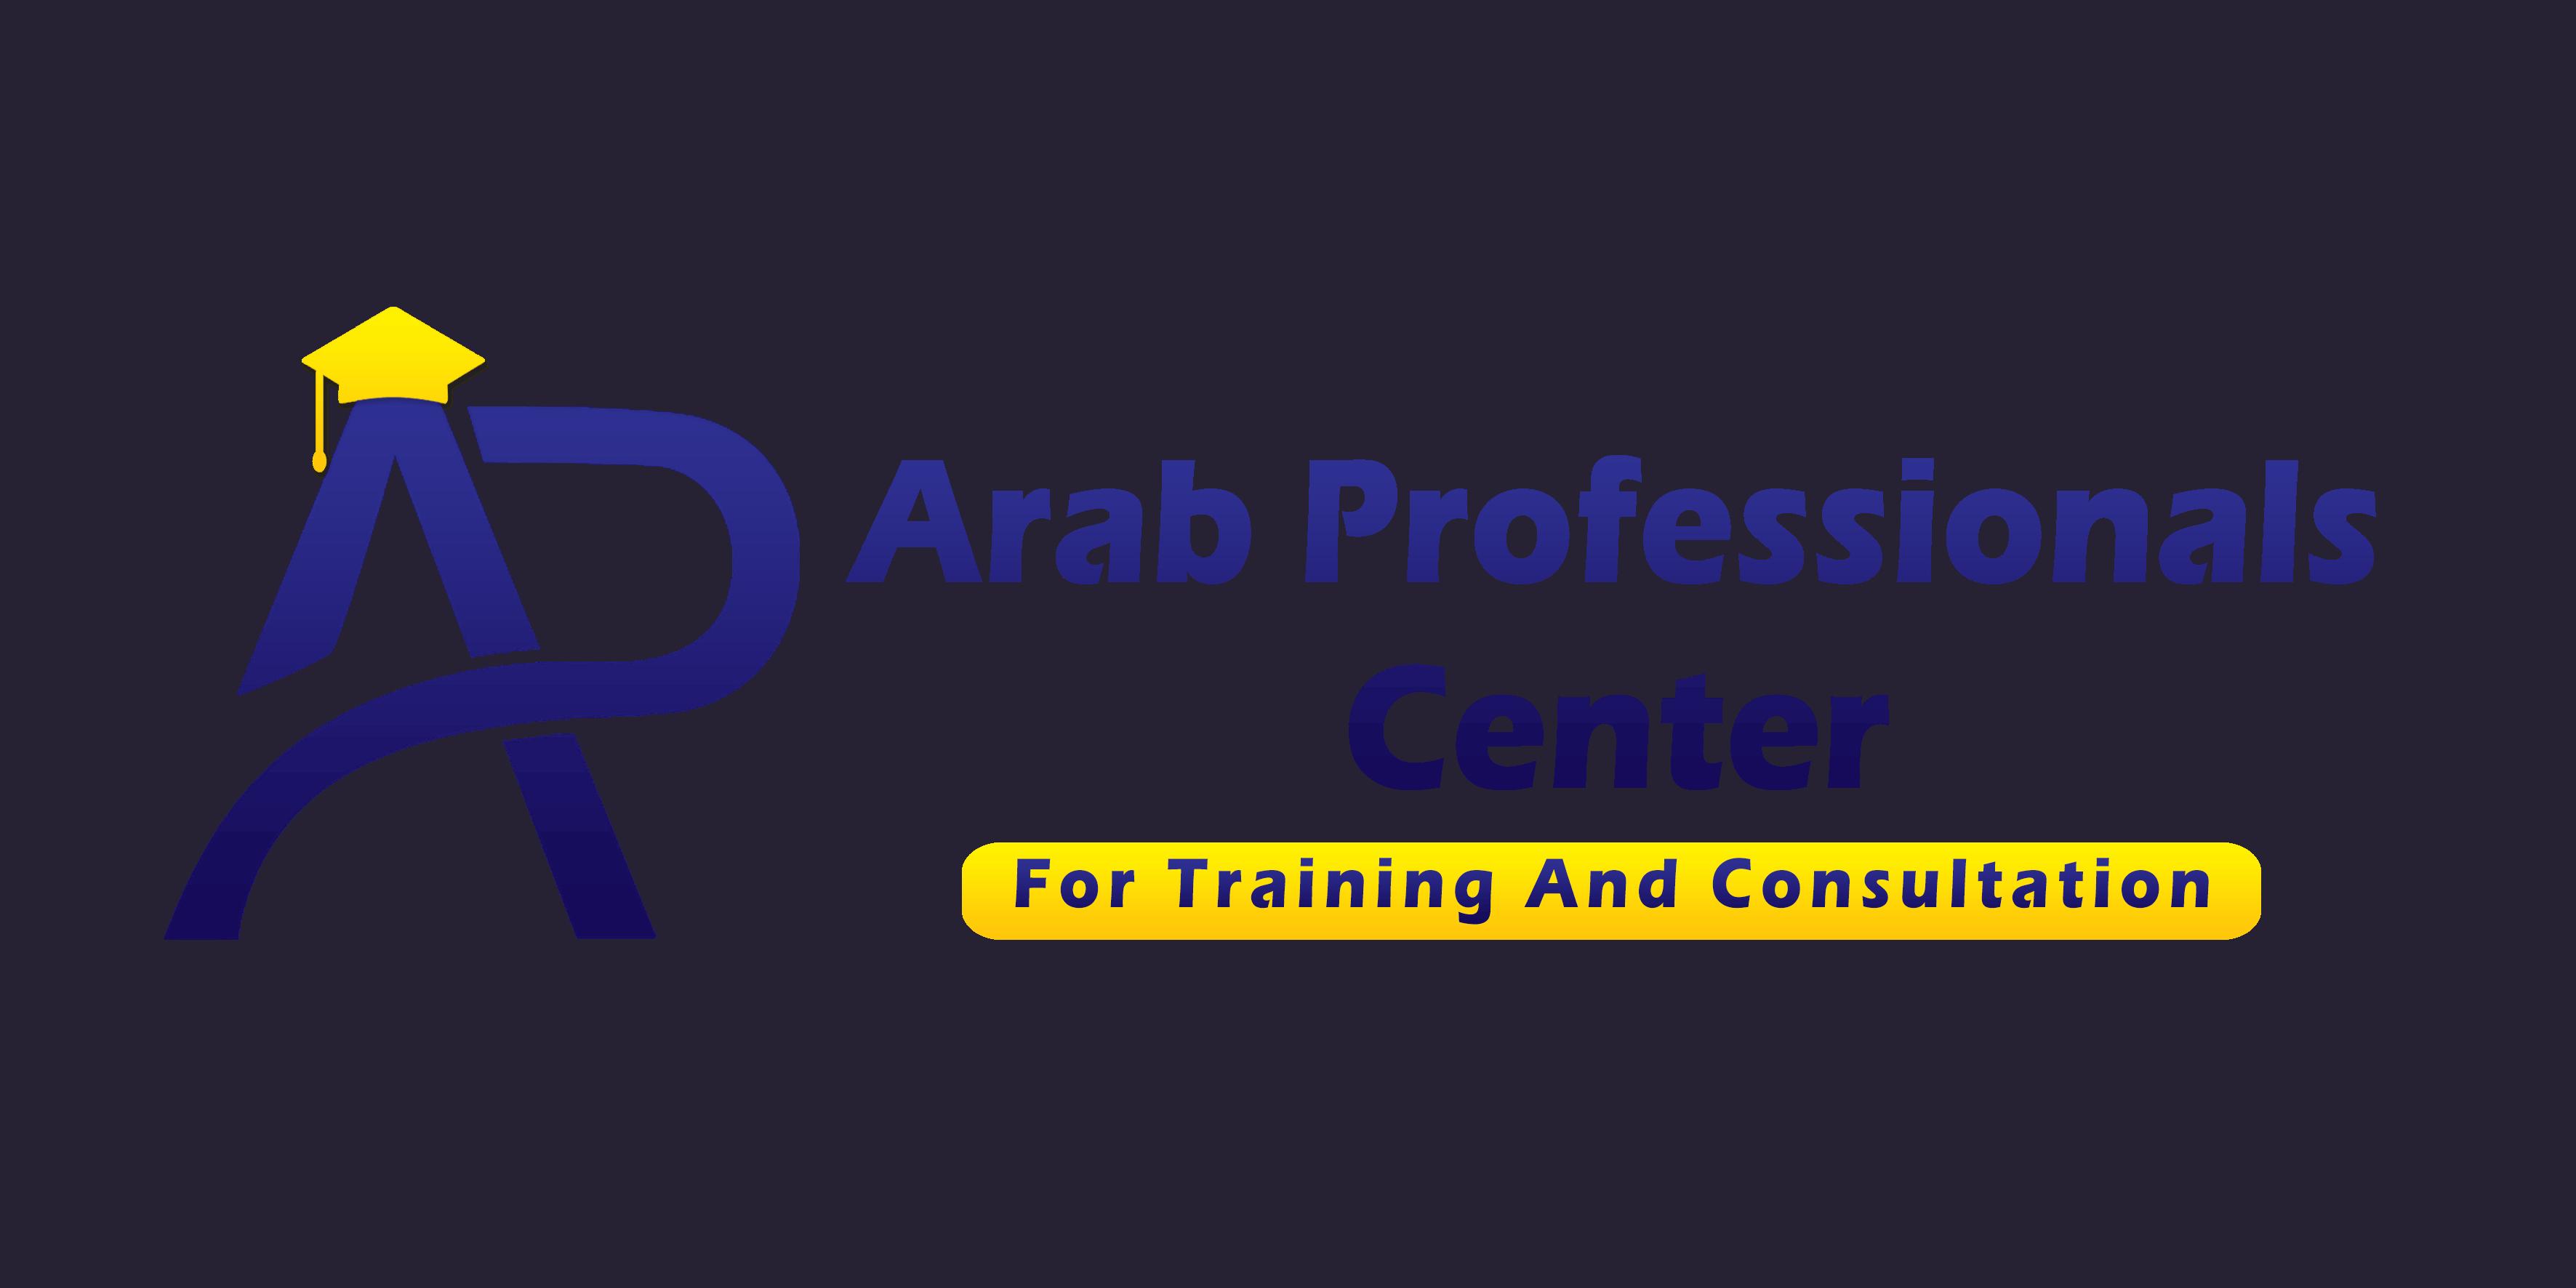 مركز المهنيين العرب